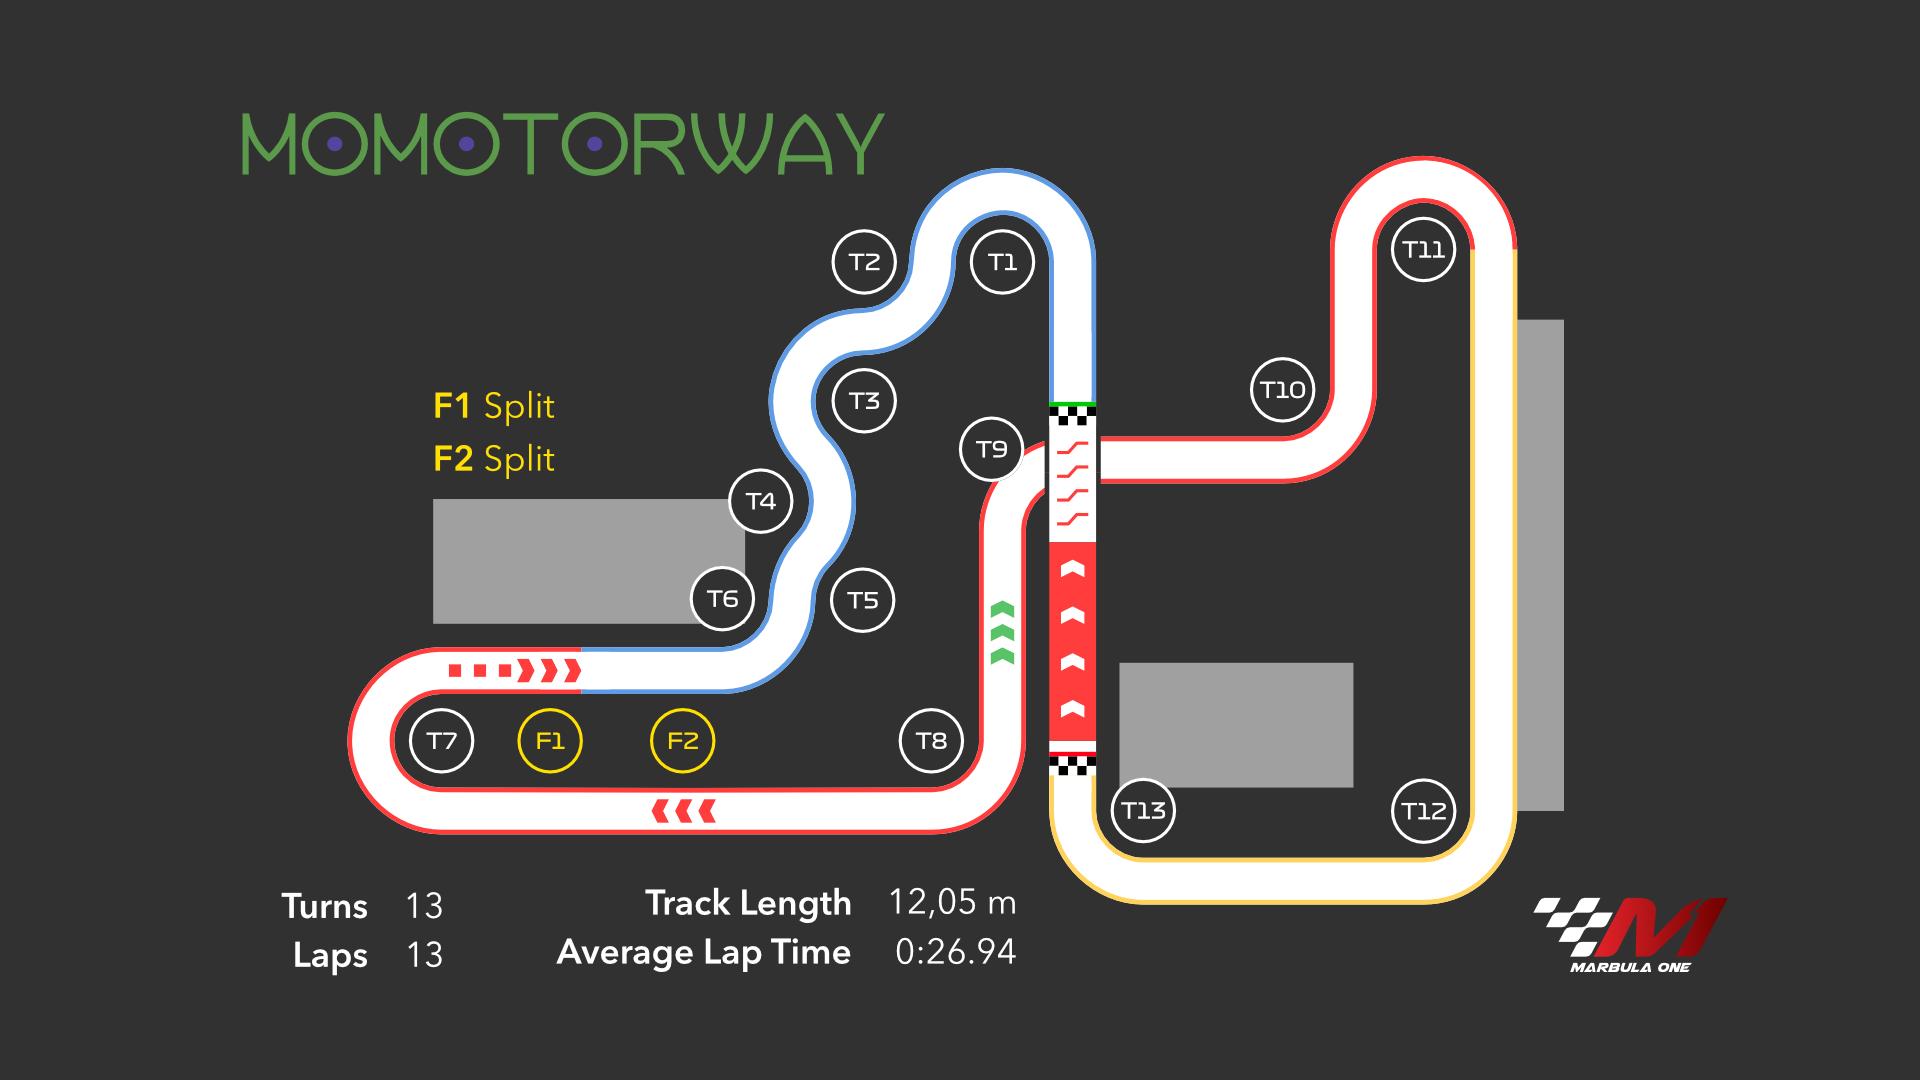 Momotorway